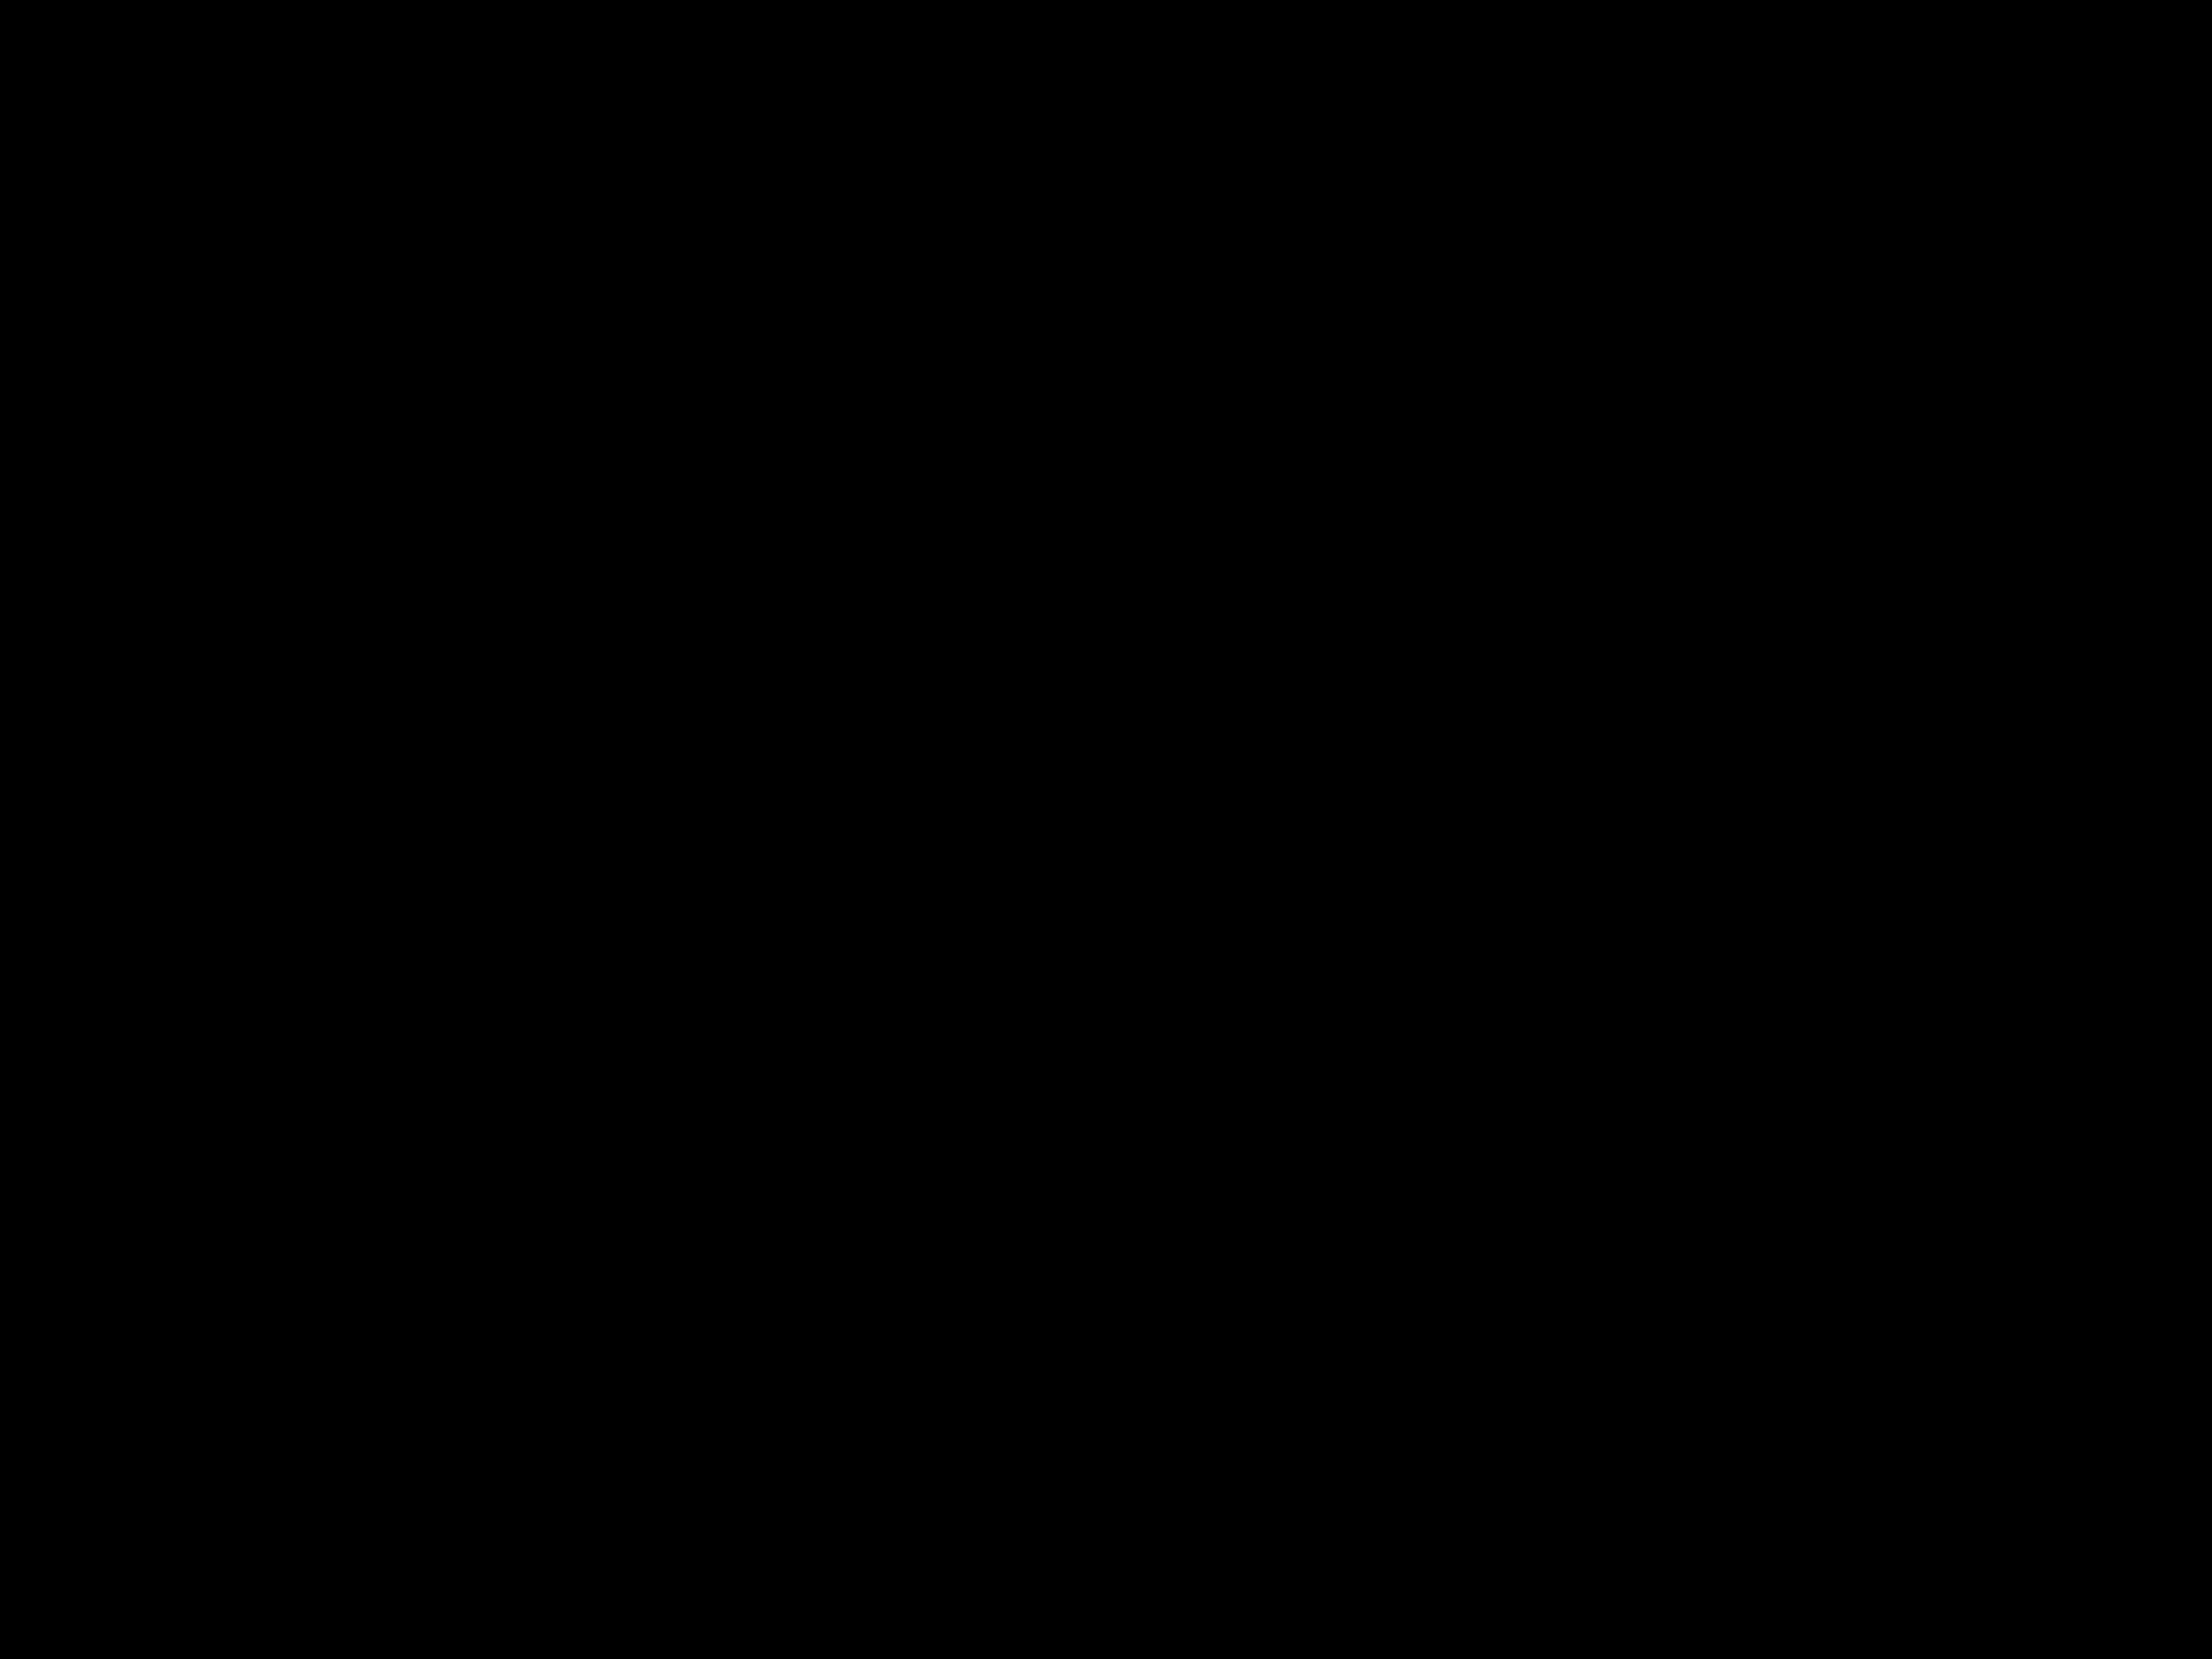 schwarz-black